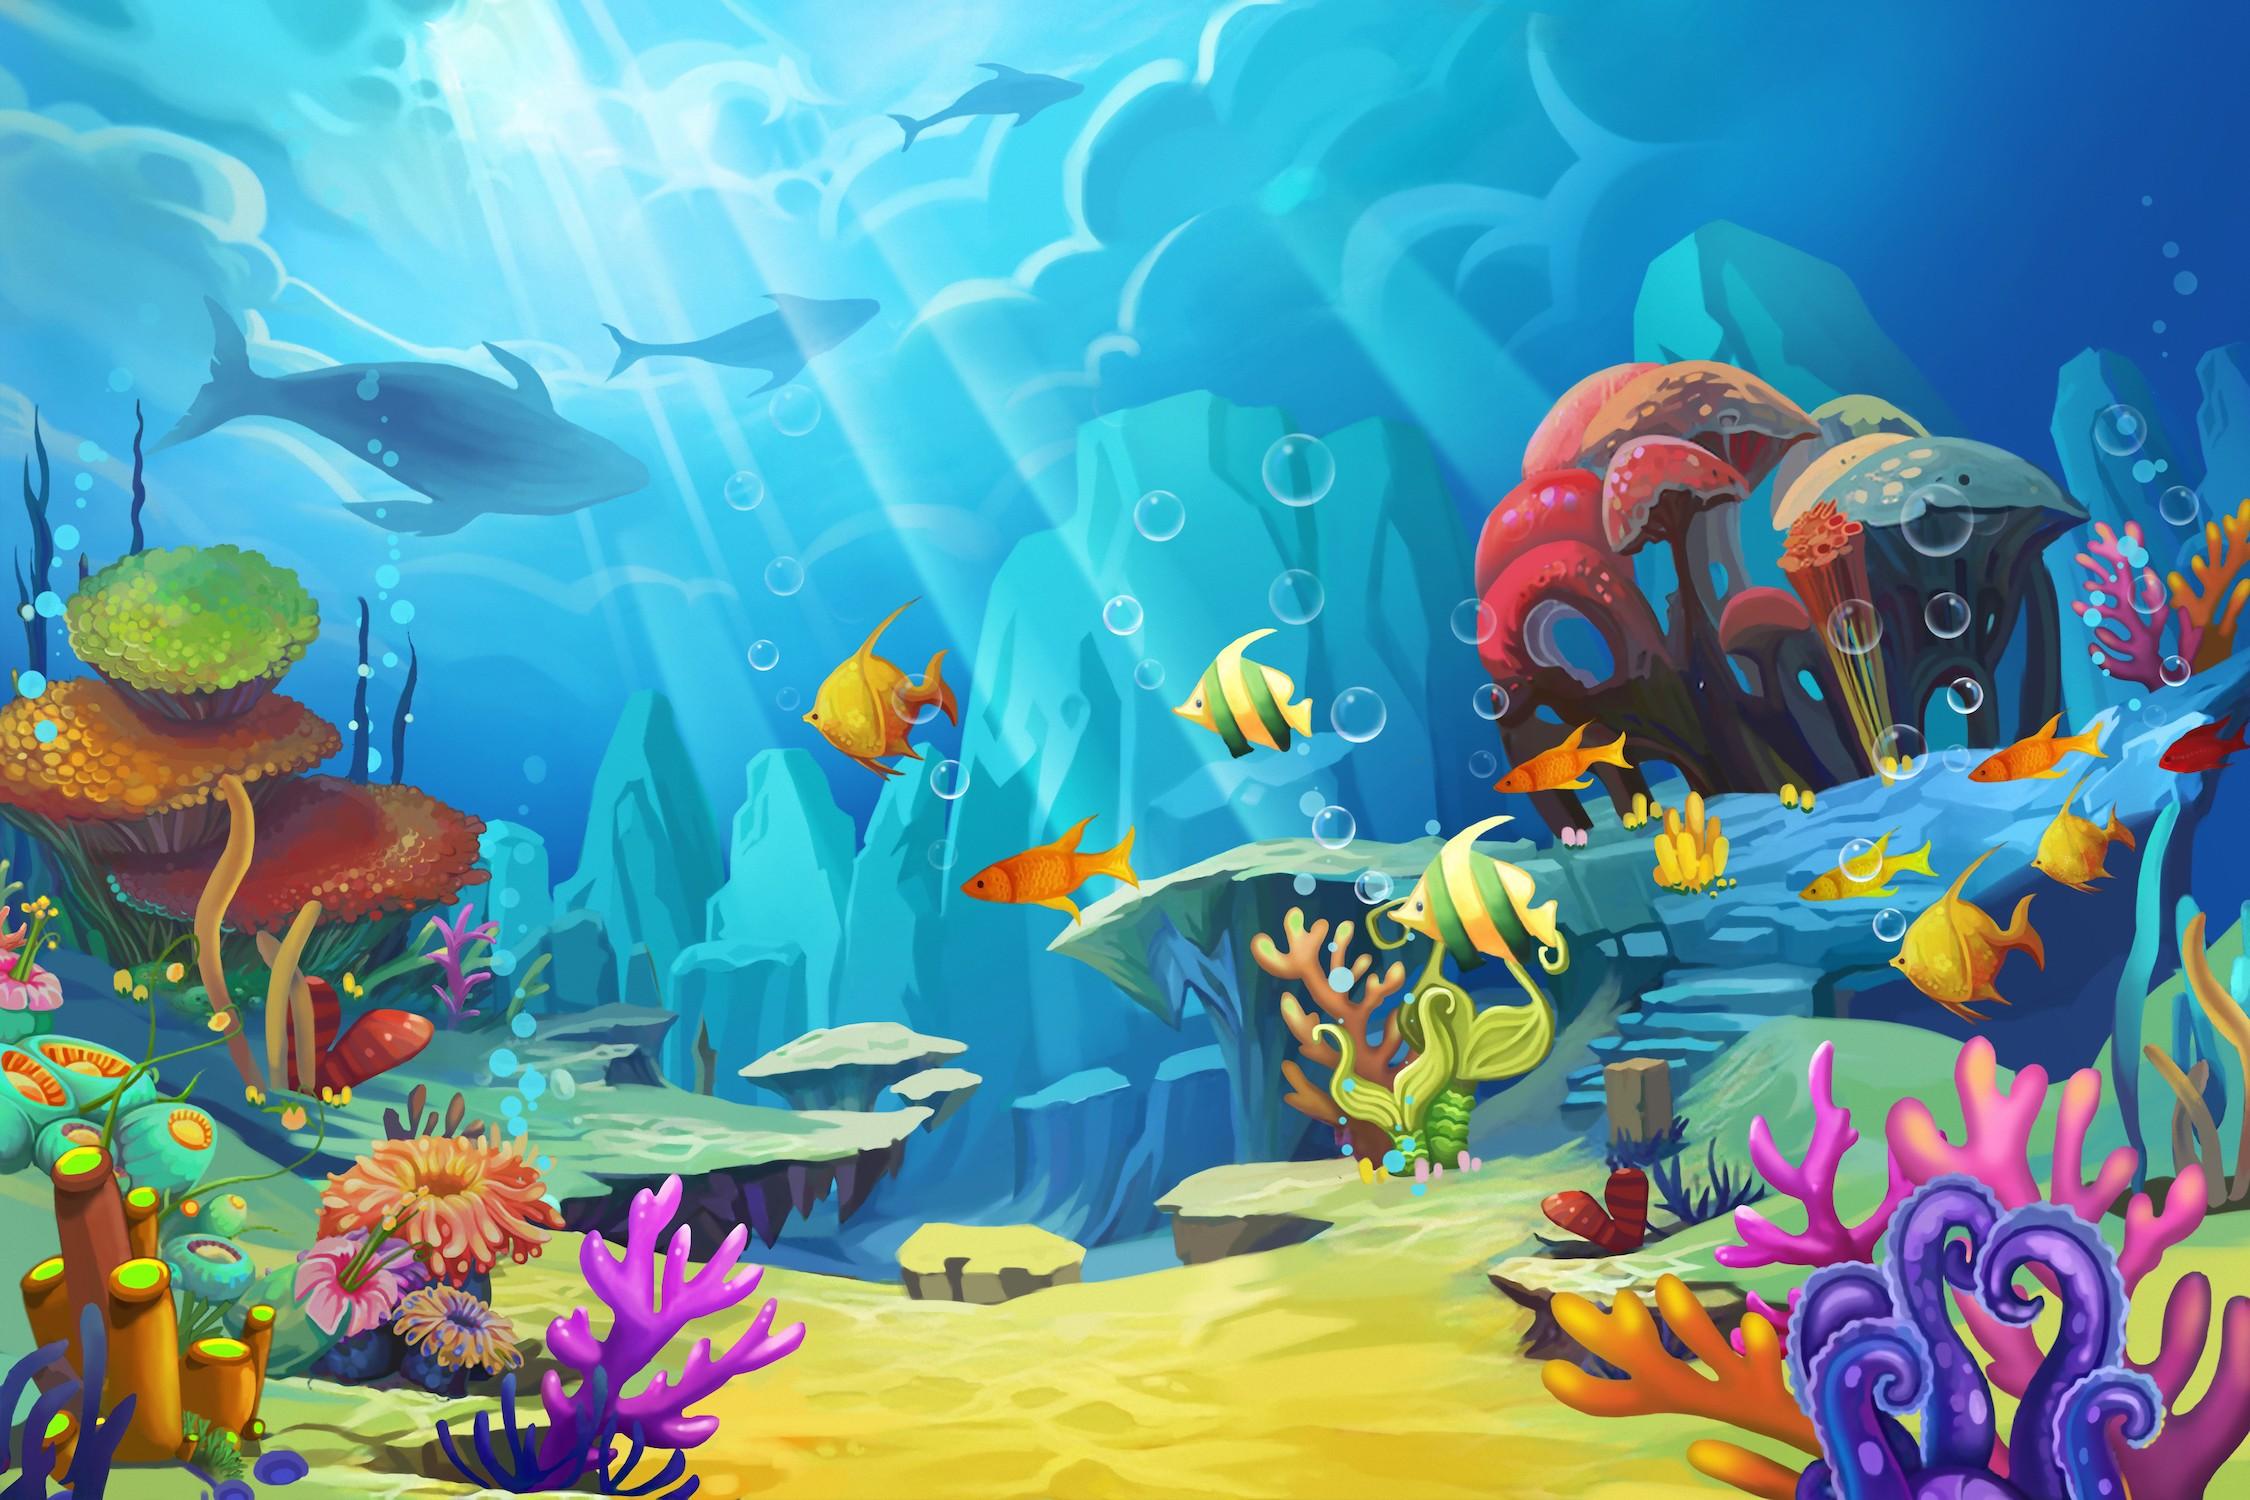 Monde drôle au fond des fonds marins papier peint 3d